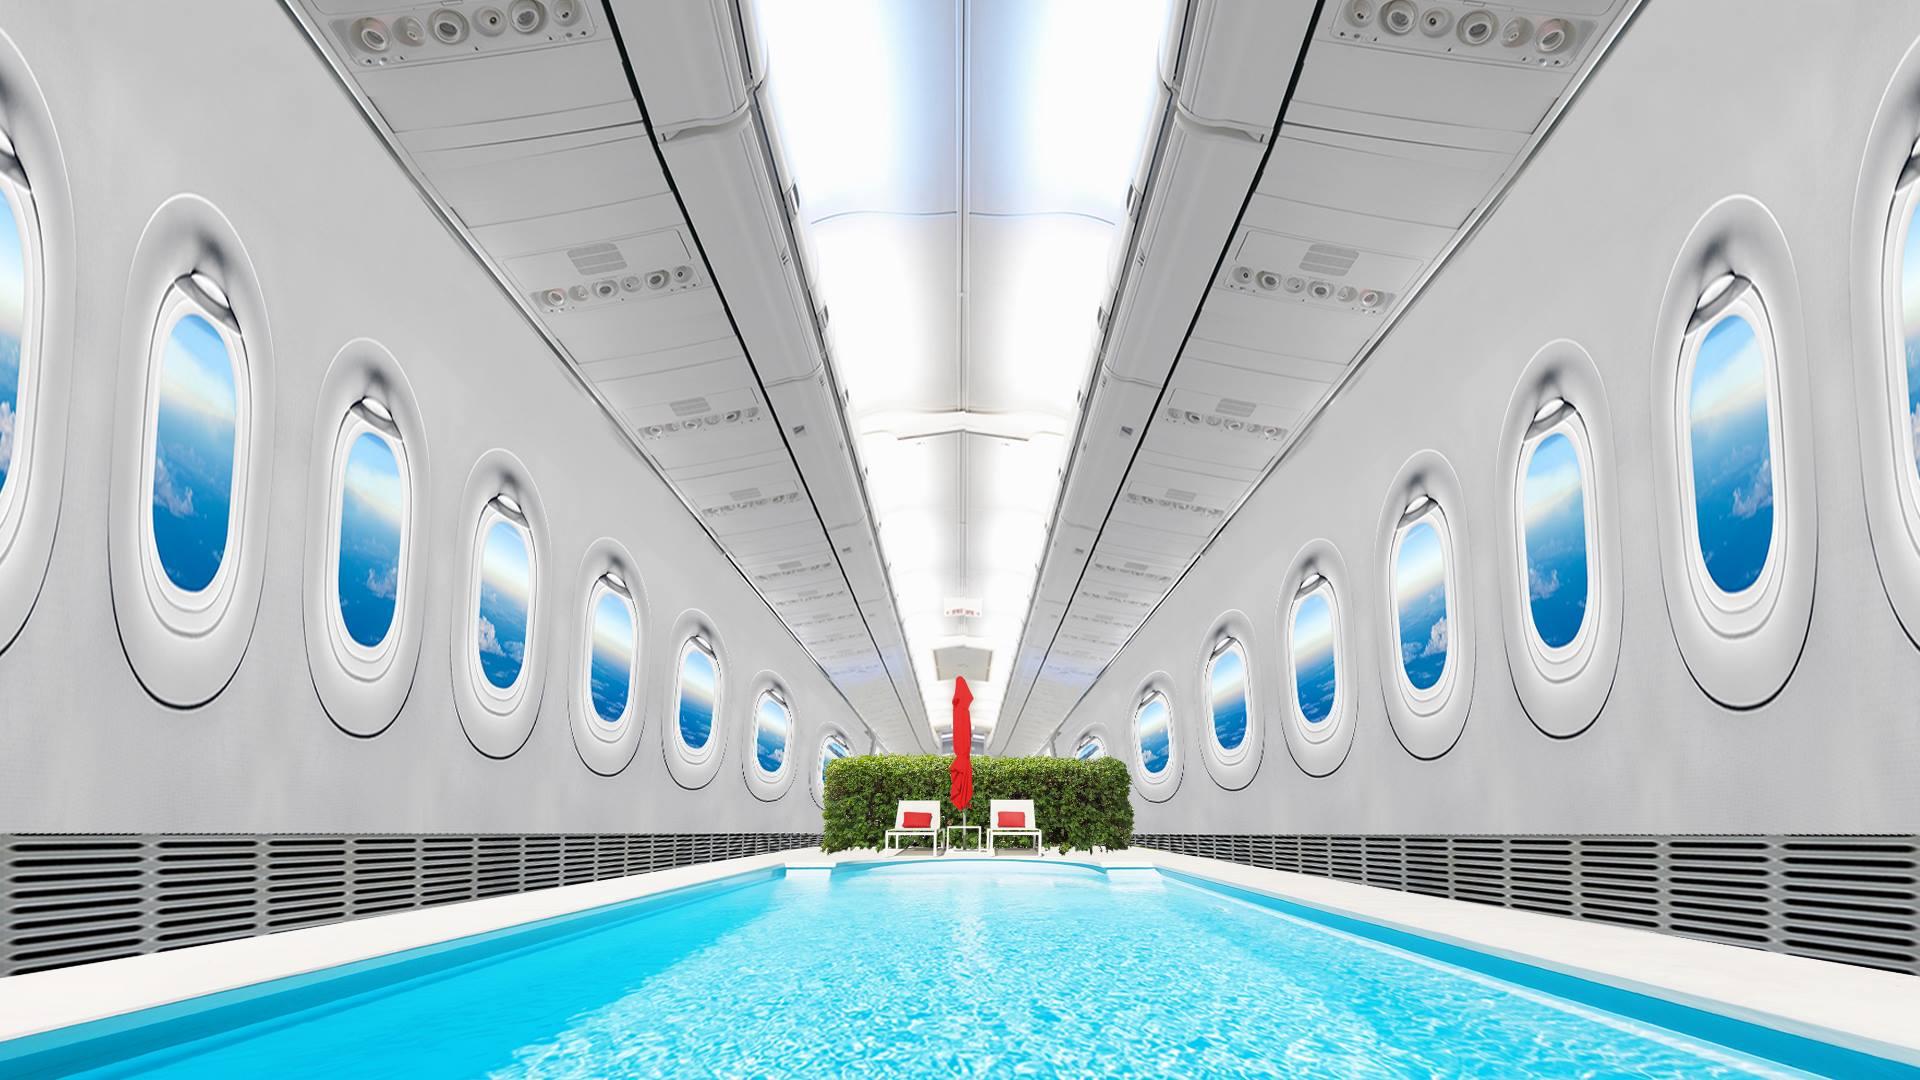 Στην Emirates τρελάθηκαν! Δείτε αποκλειστικά στο travelstyle τα σχέδια για το μεγαλύτερο αεροσκάφος στον κόσμο! Είναι τριώροφο, θα έχει αίθουσα μπιλιάρδου γυμναστήριο μέχρι και πισίνα...